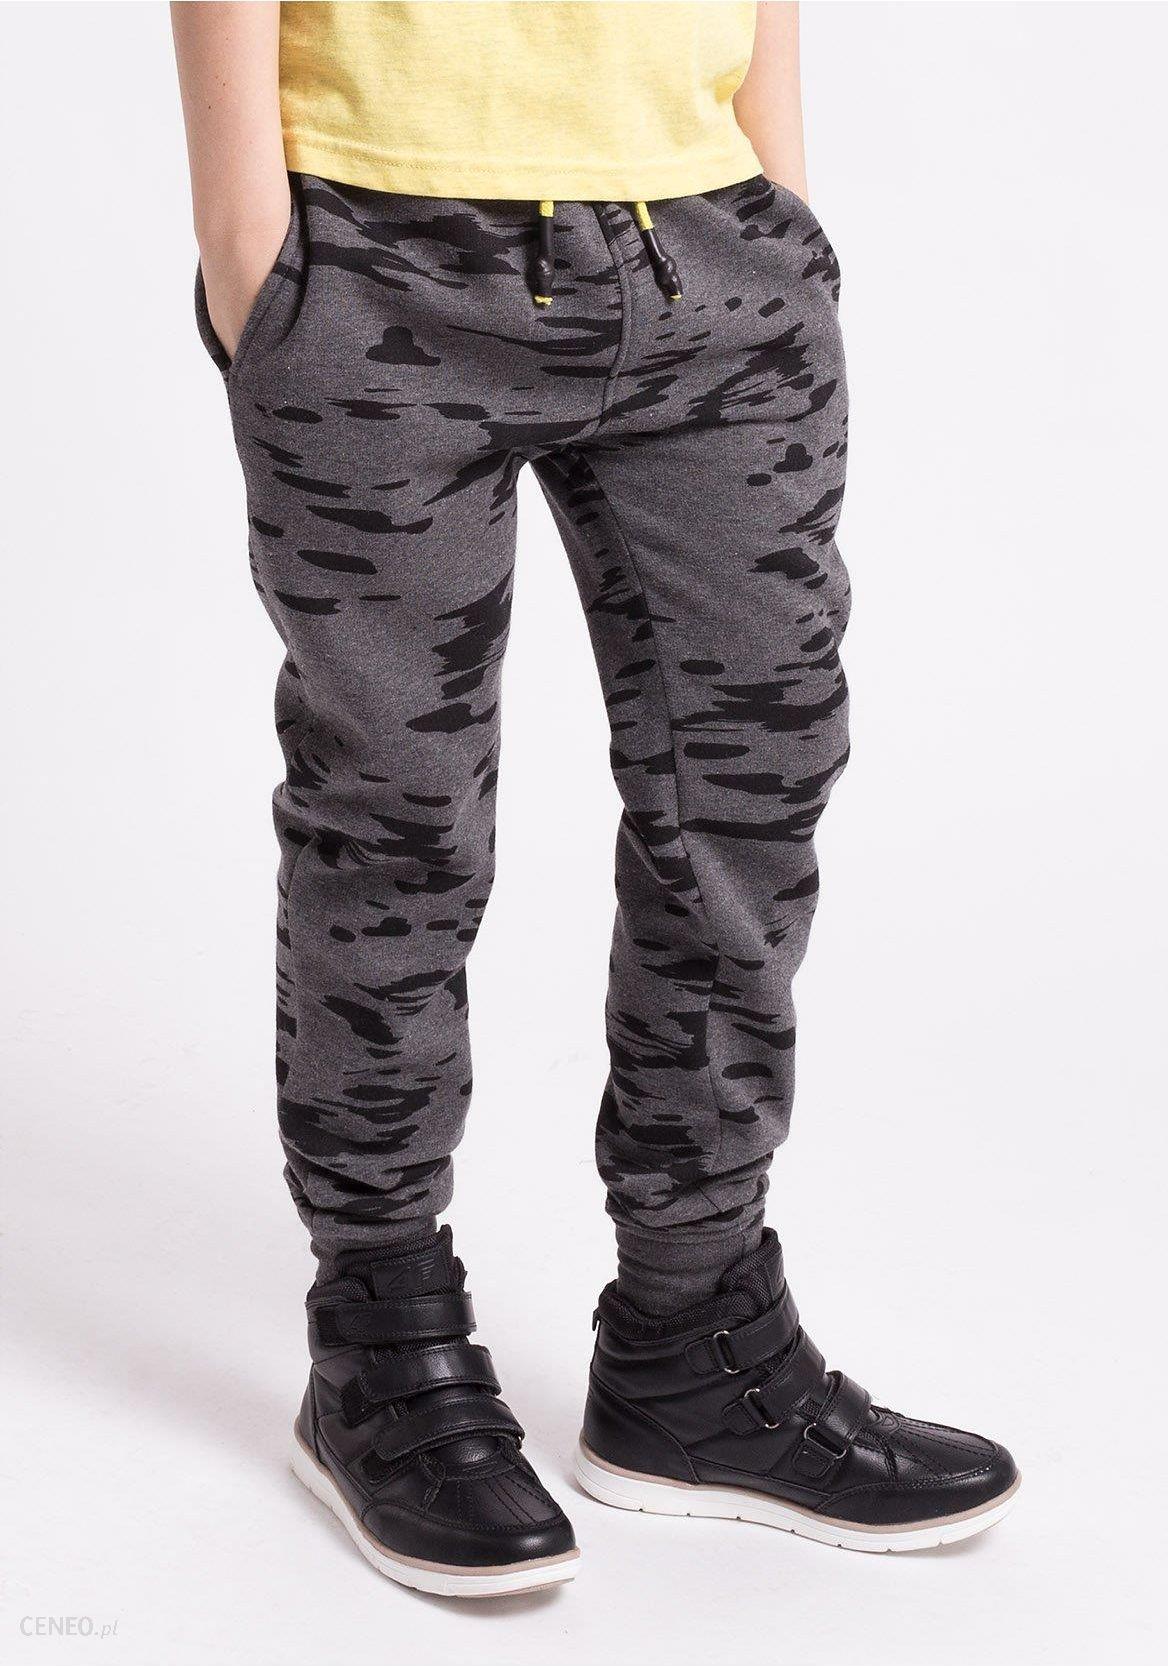 db00257c1 Spodnie chłopięce 4F dresowe JSPMD210 - 152 - Ceny i opinie - Ceneo.pl